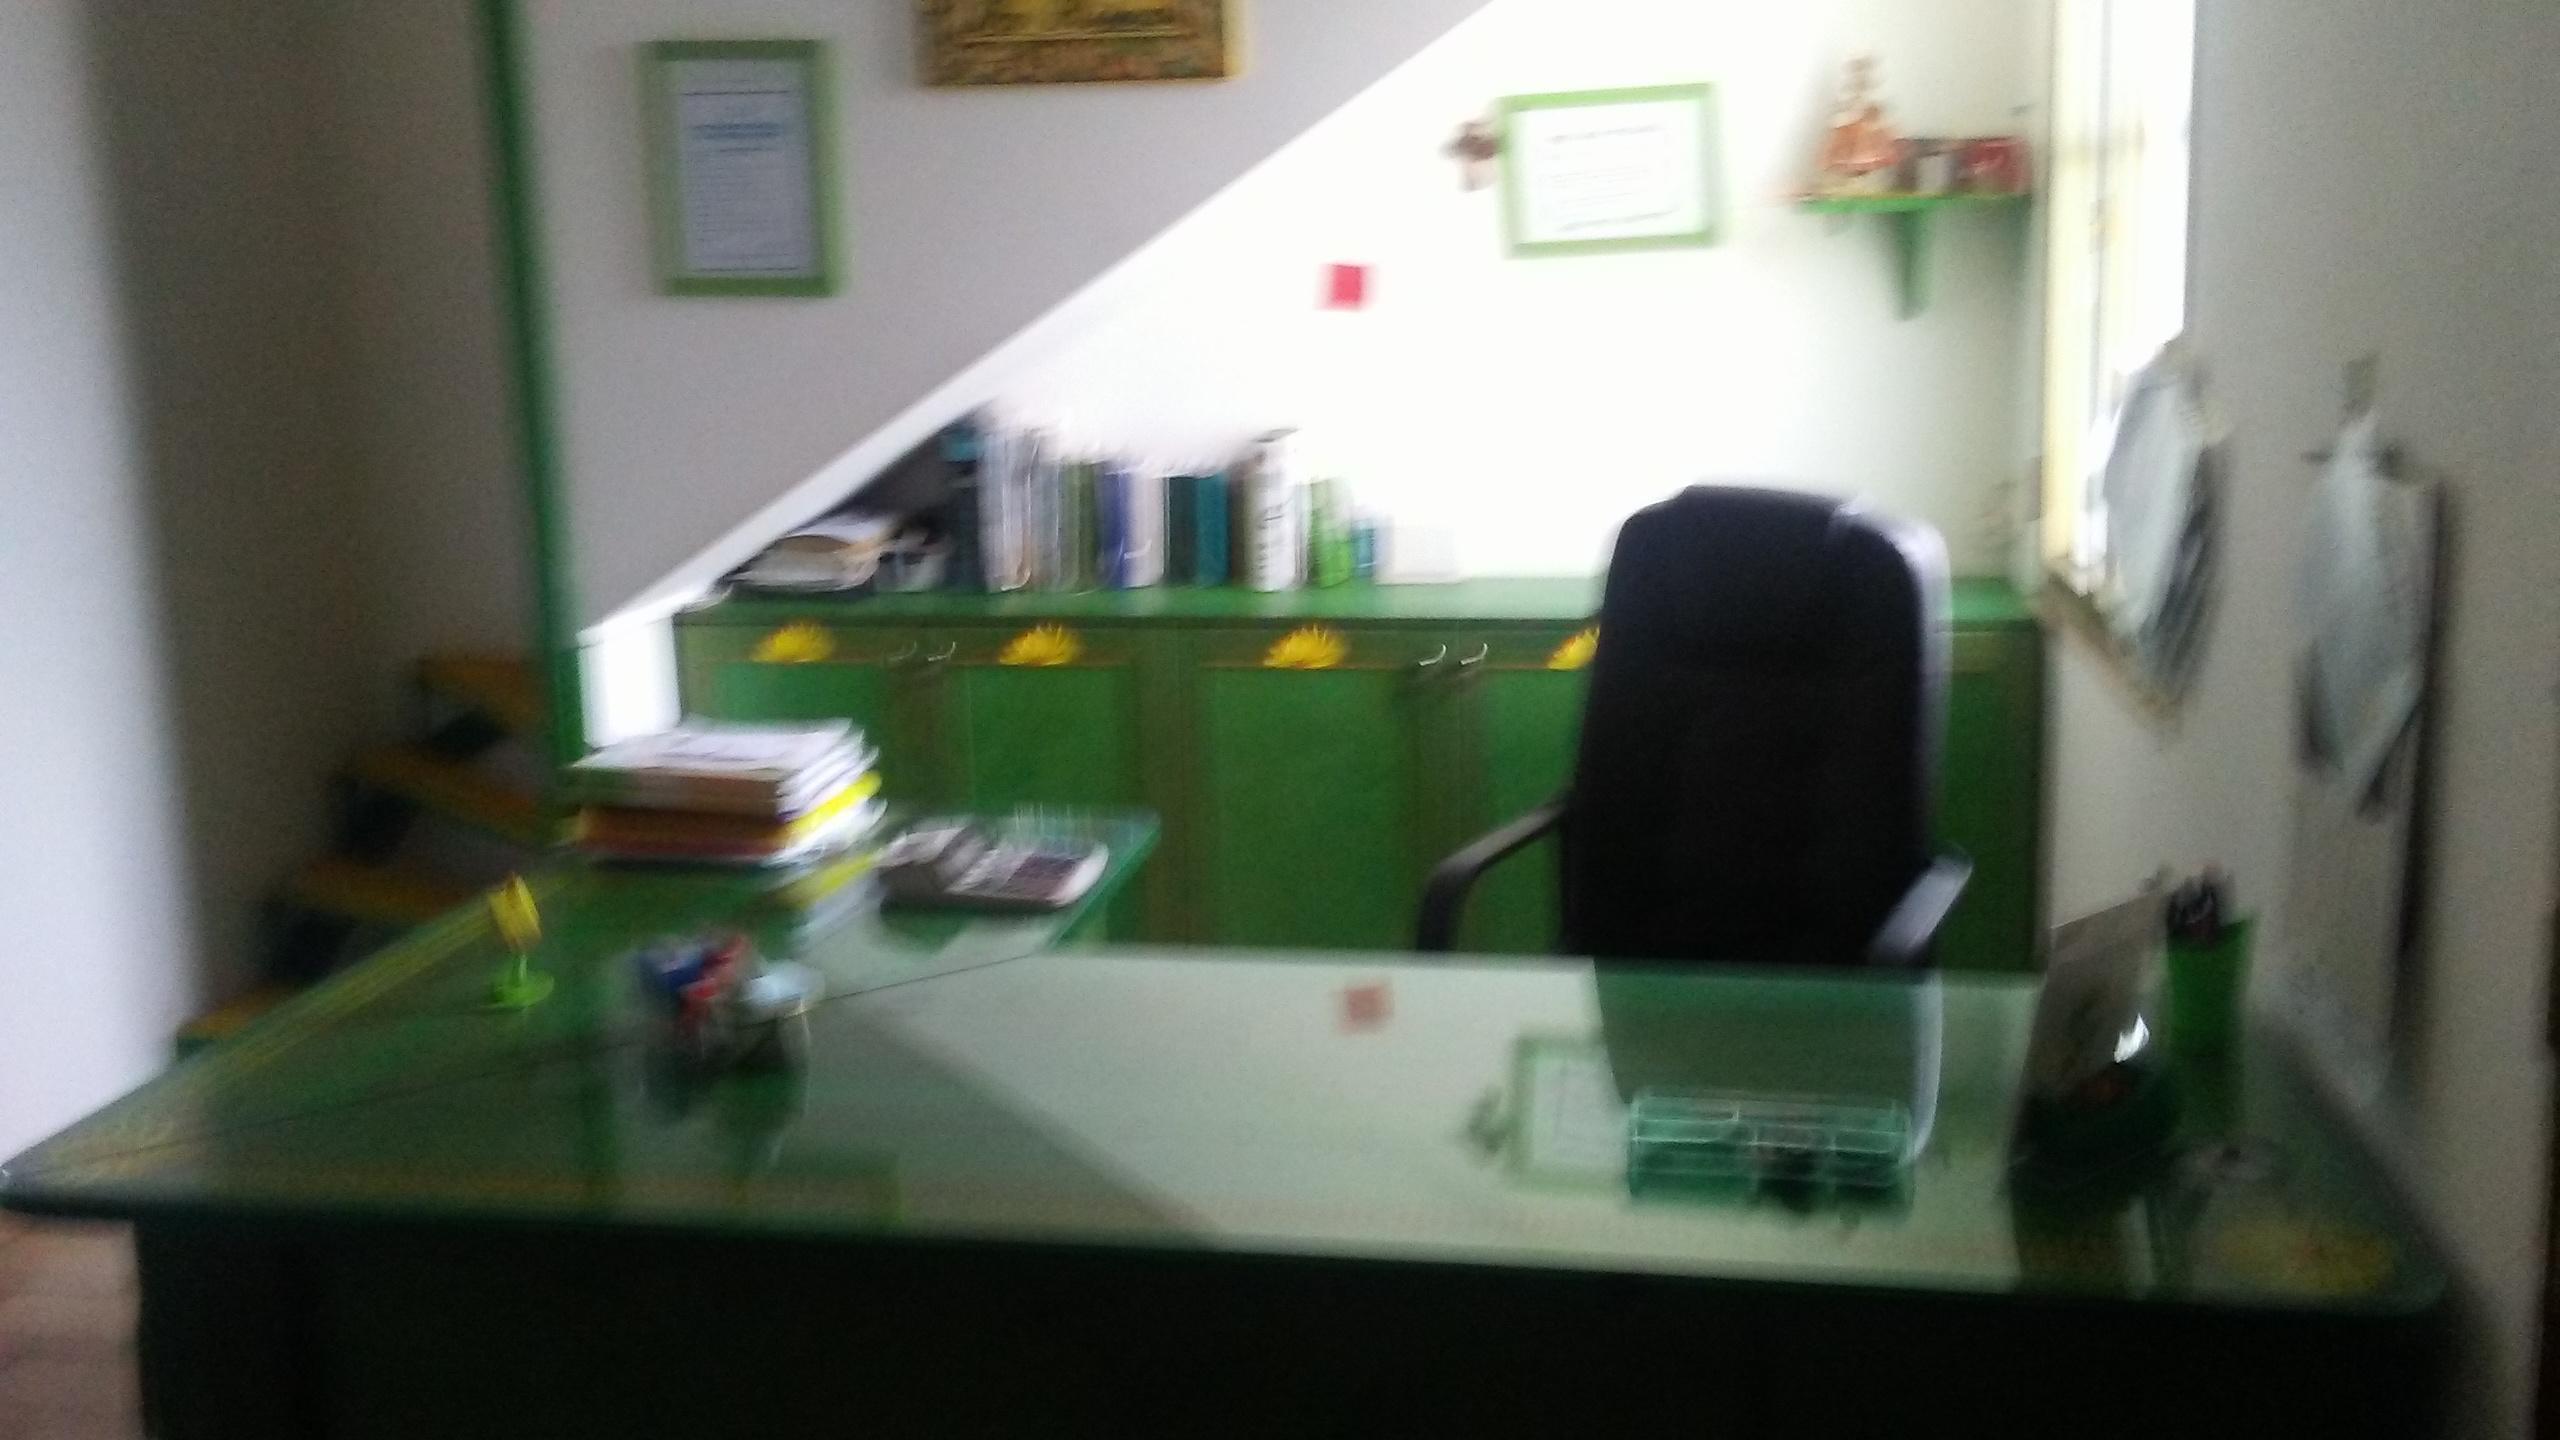 Vendo Arredo per Ufficio/Negozio in vendita - foto 3